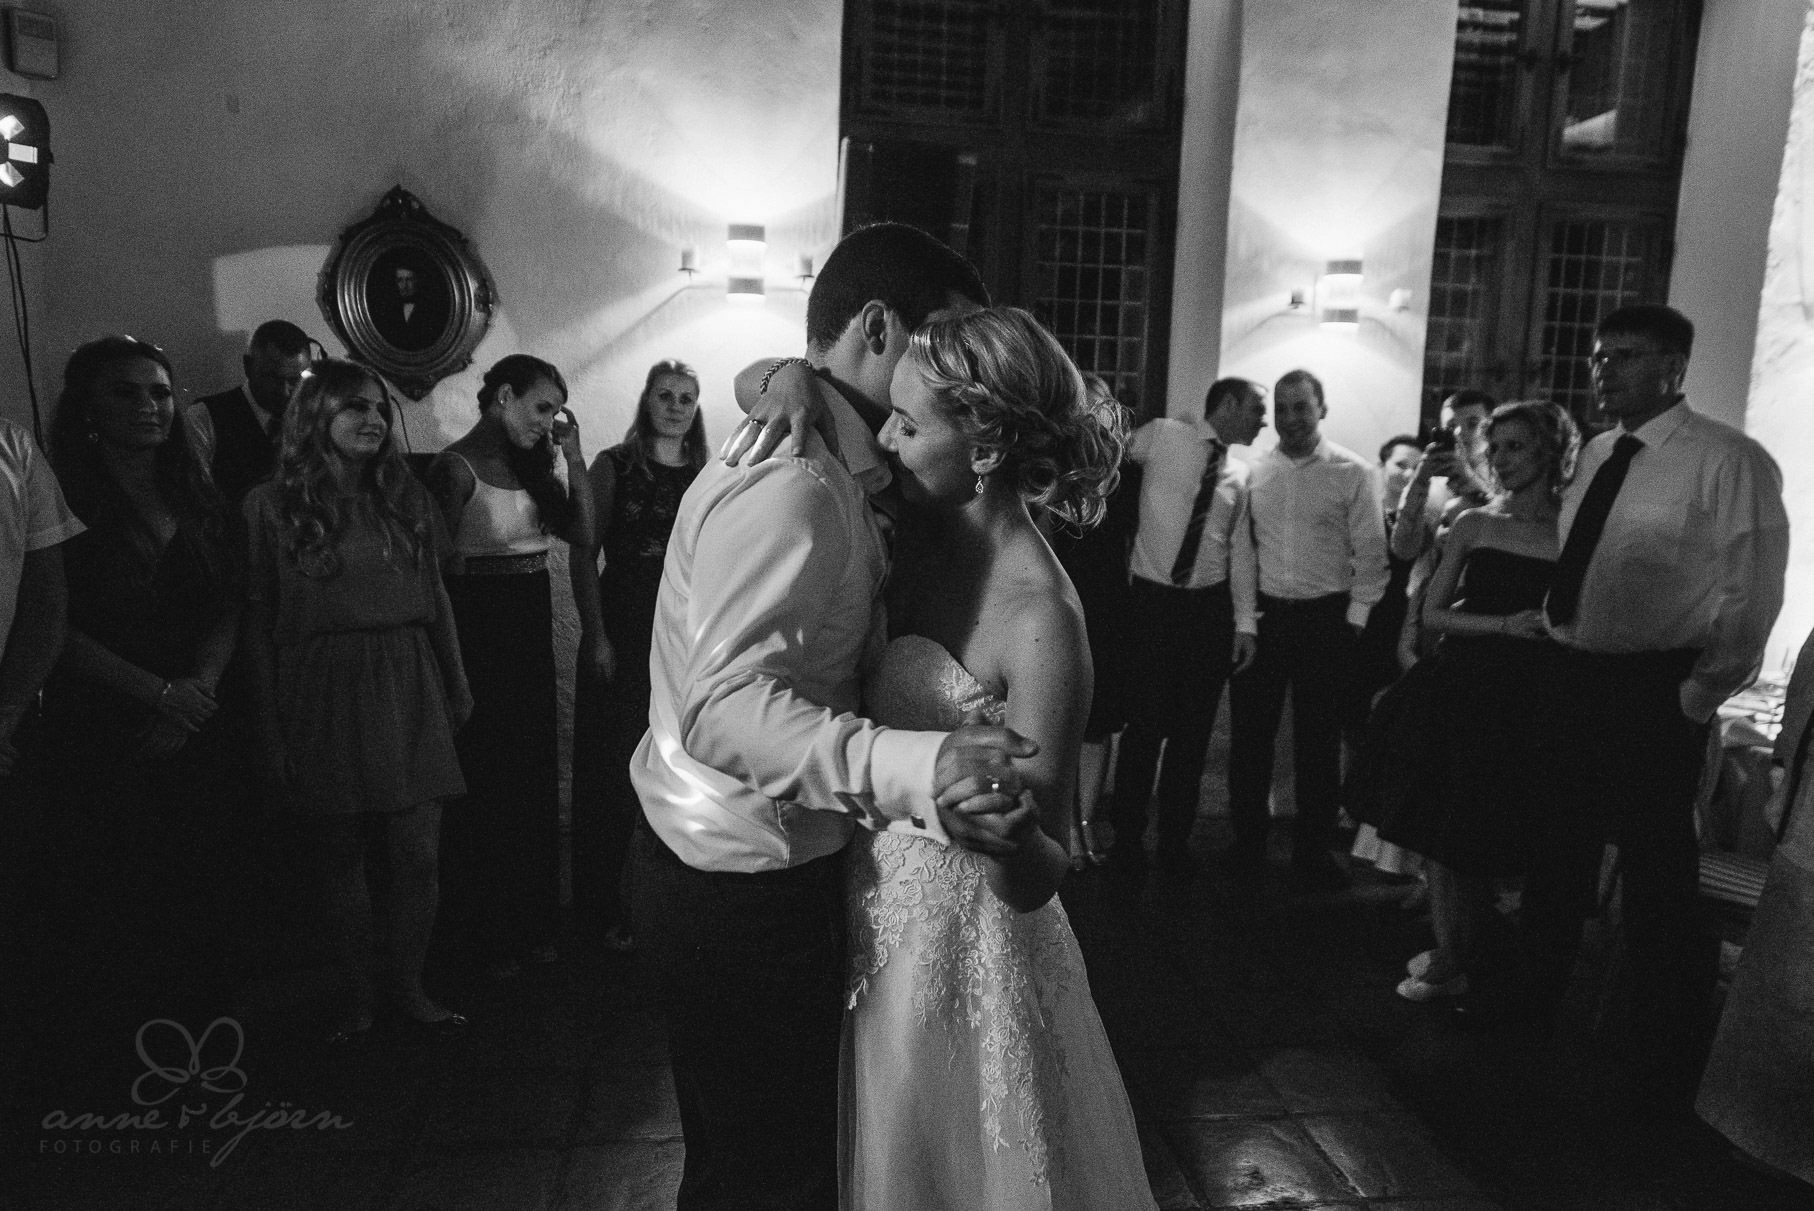 0063 euo 812 2046 - Hochzeit im Schloss Reinbek - Elvira & Olaf